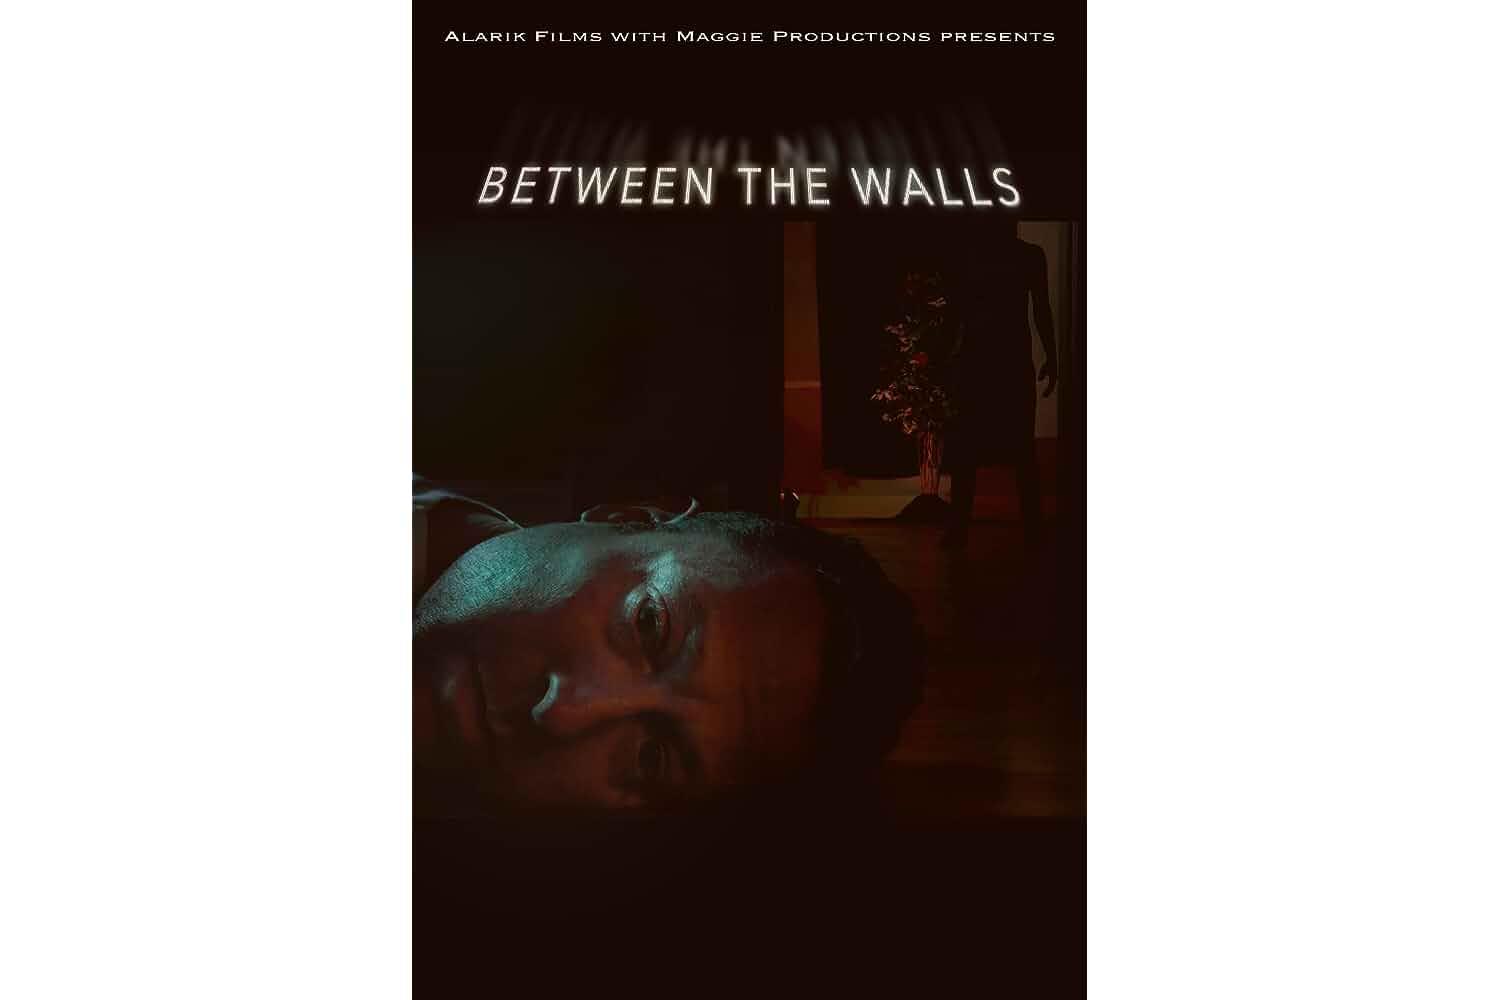 Between the Walls (2018)